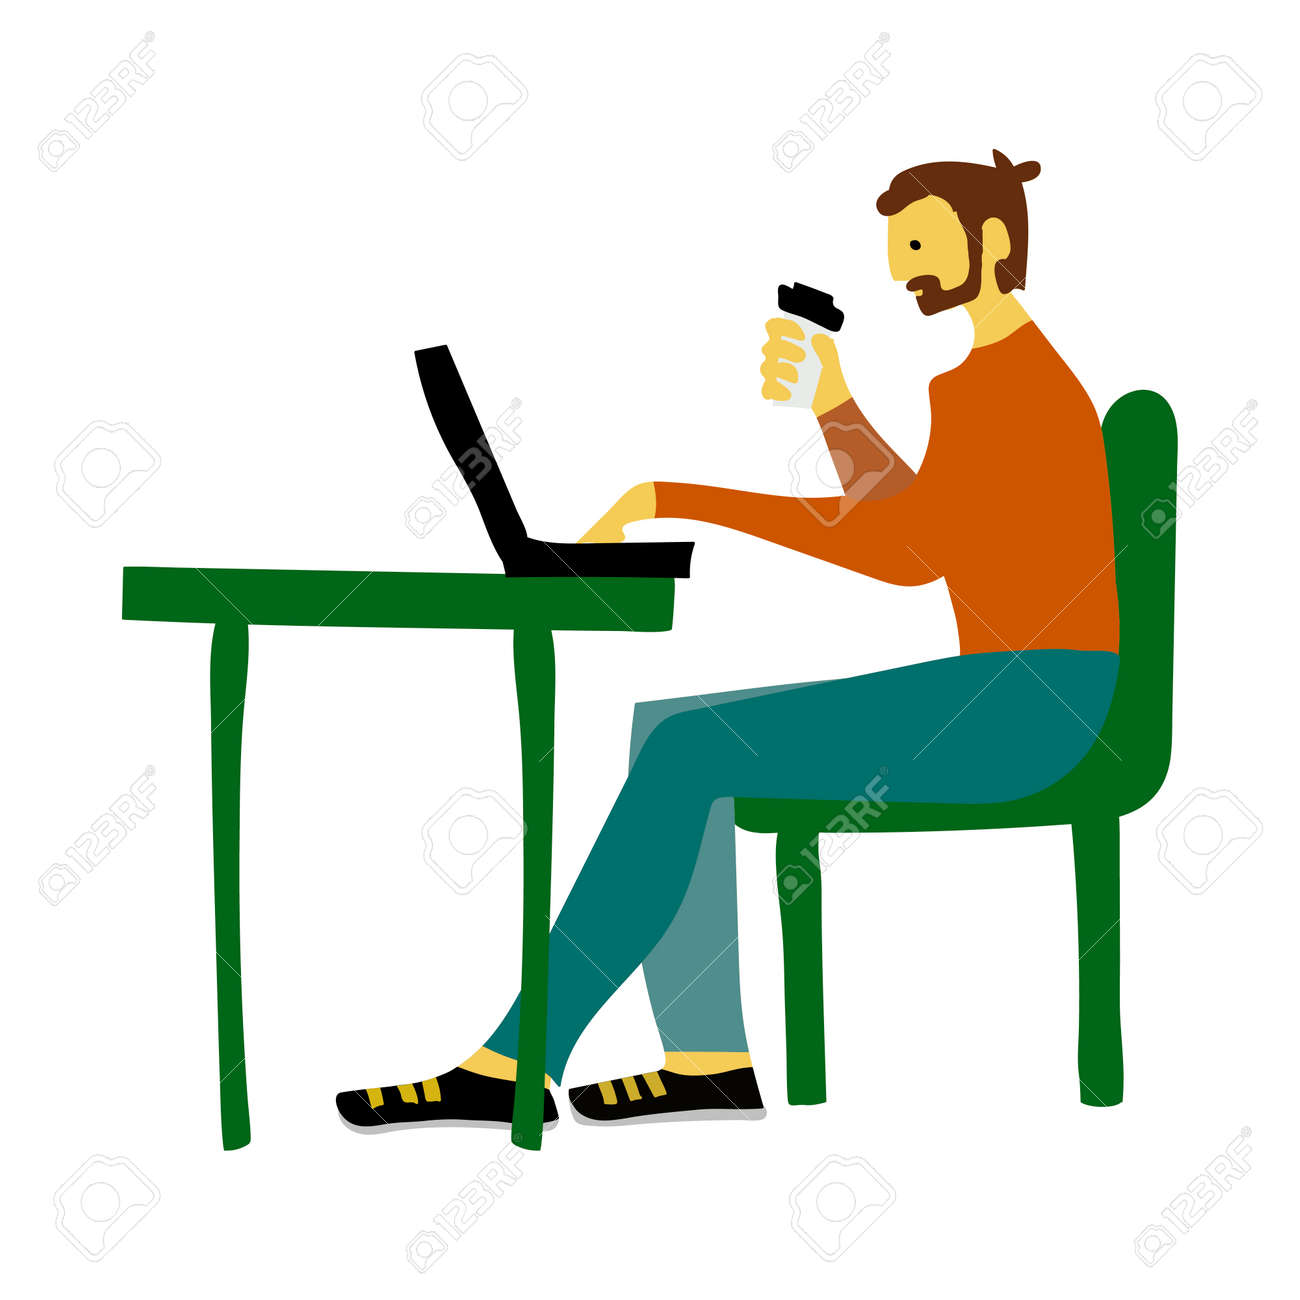 Businessman in office vector sketch for newspaper illustration website banner - 110504131